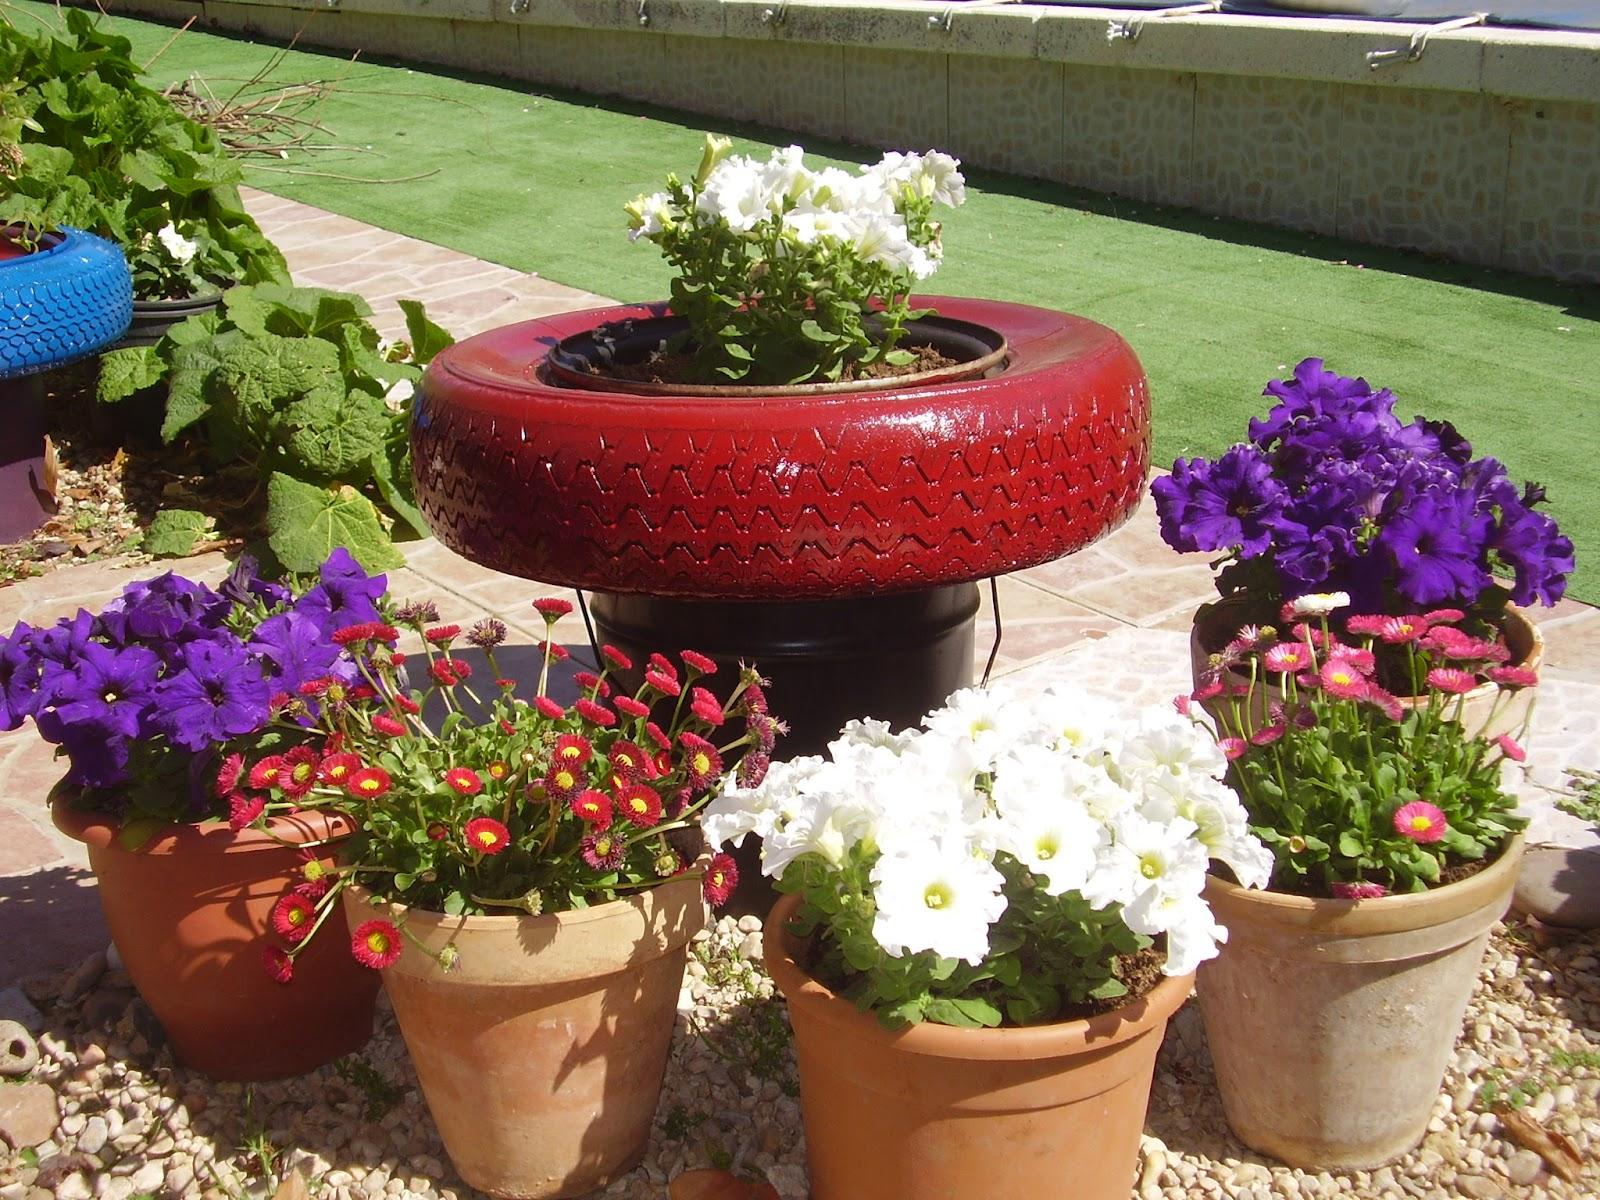 Jard n reciclaje y m s los reciclados de luisa for Reciclaje para jardin